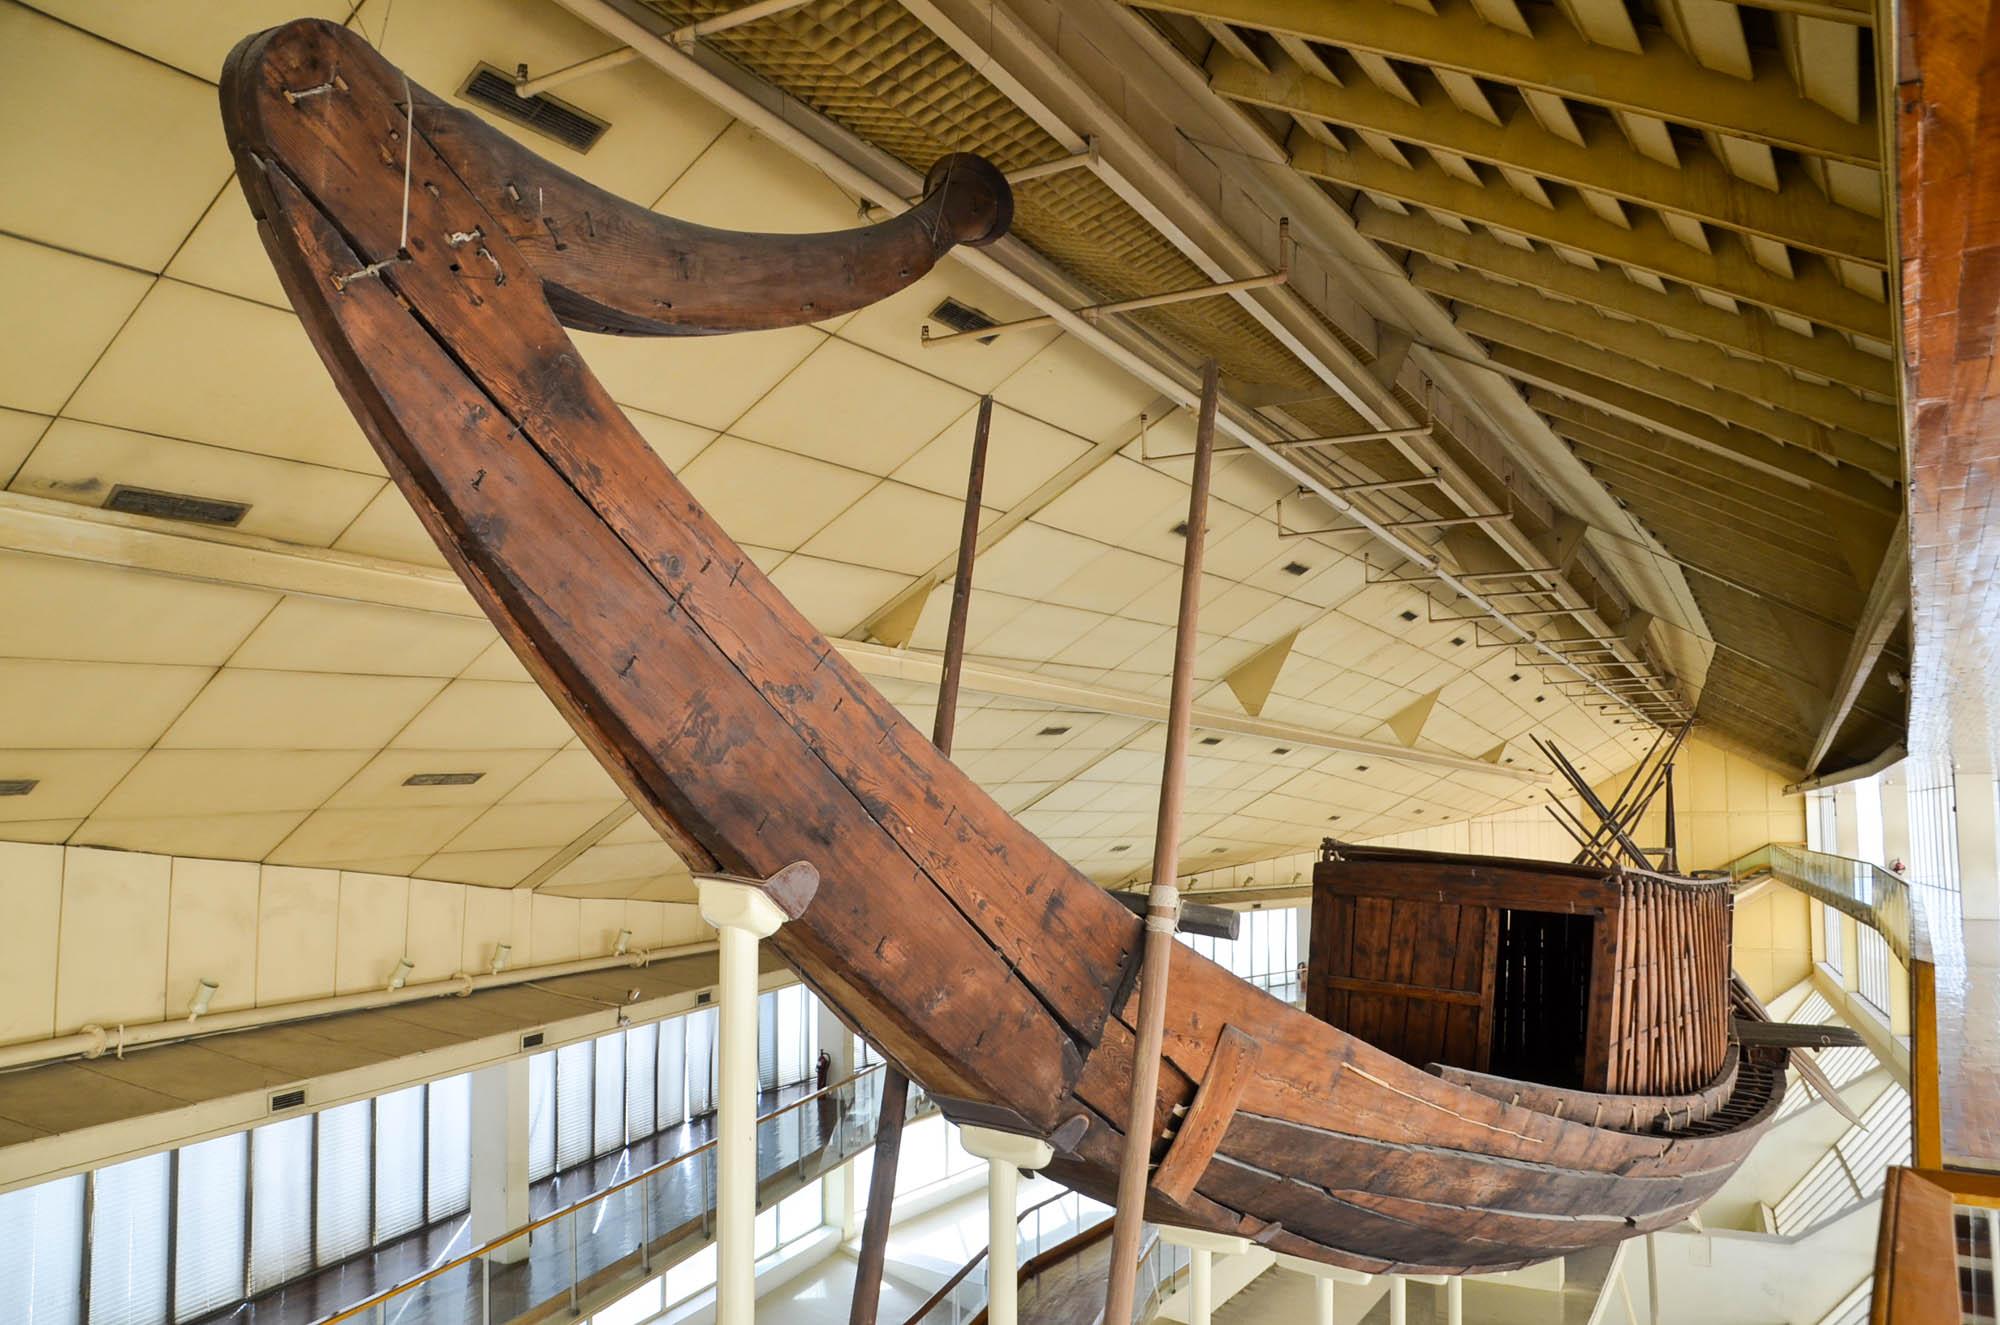 Die in einer Bootsgrube gefundene und aus 1.224 Einzelteilen wieder zusammengesetzte Barke im Bootsmuseum bei der Cheops-Pyramide. Die Funktion der begrabenen Boote ist unklar. Möglicherweise handelt es sich um Verkörperungen einer Sonnenbarke, einem rituellen Boot, mit dem der verstorbene Pharao in das Reich des Sonnengotts Ra reisen konnte. Foto: Matthieu Götz